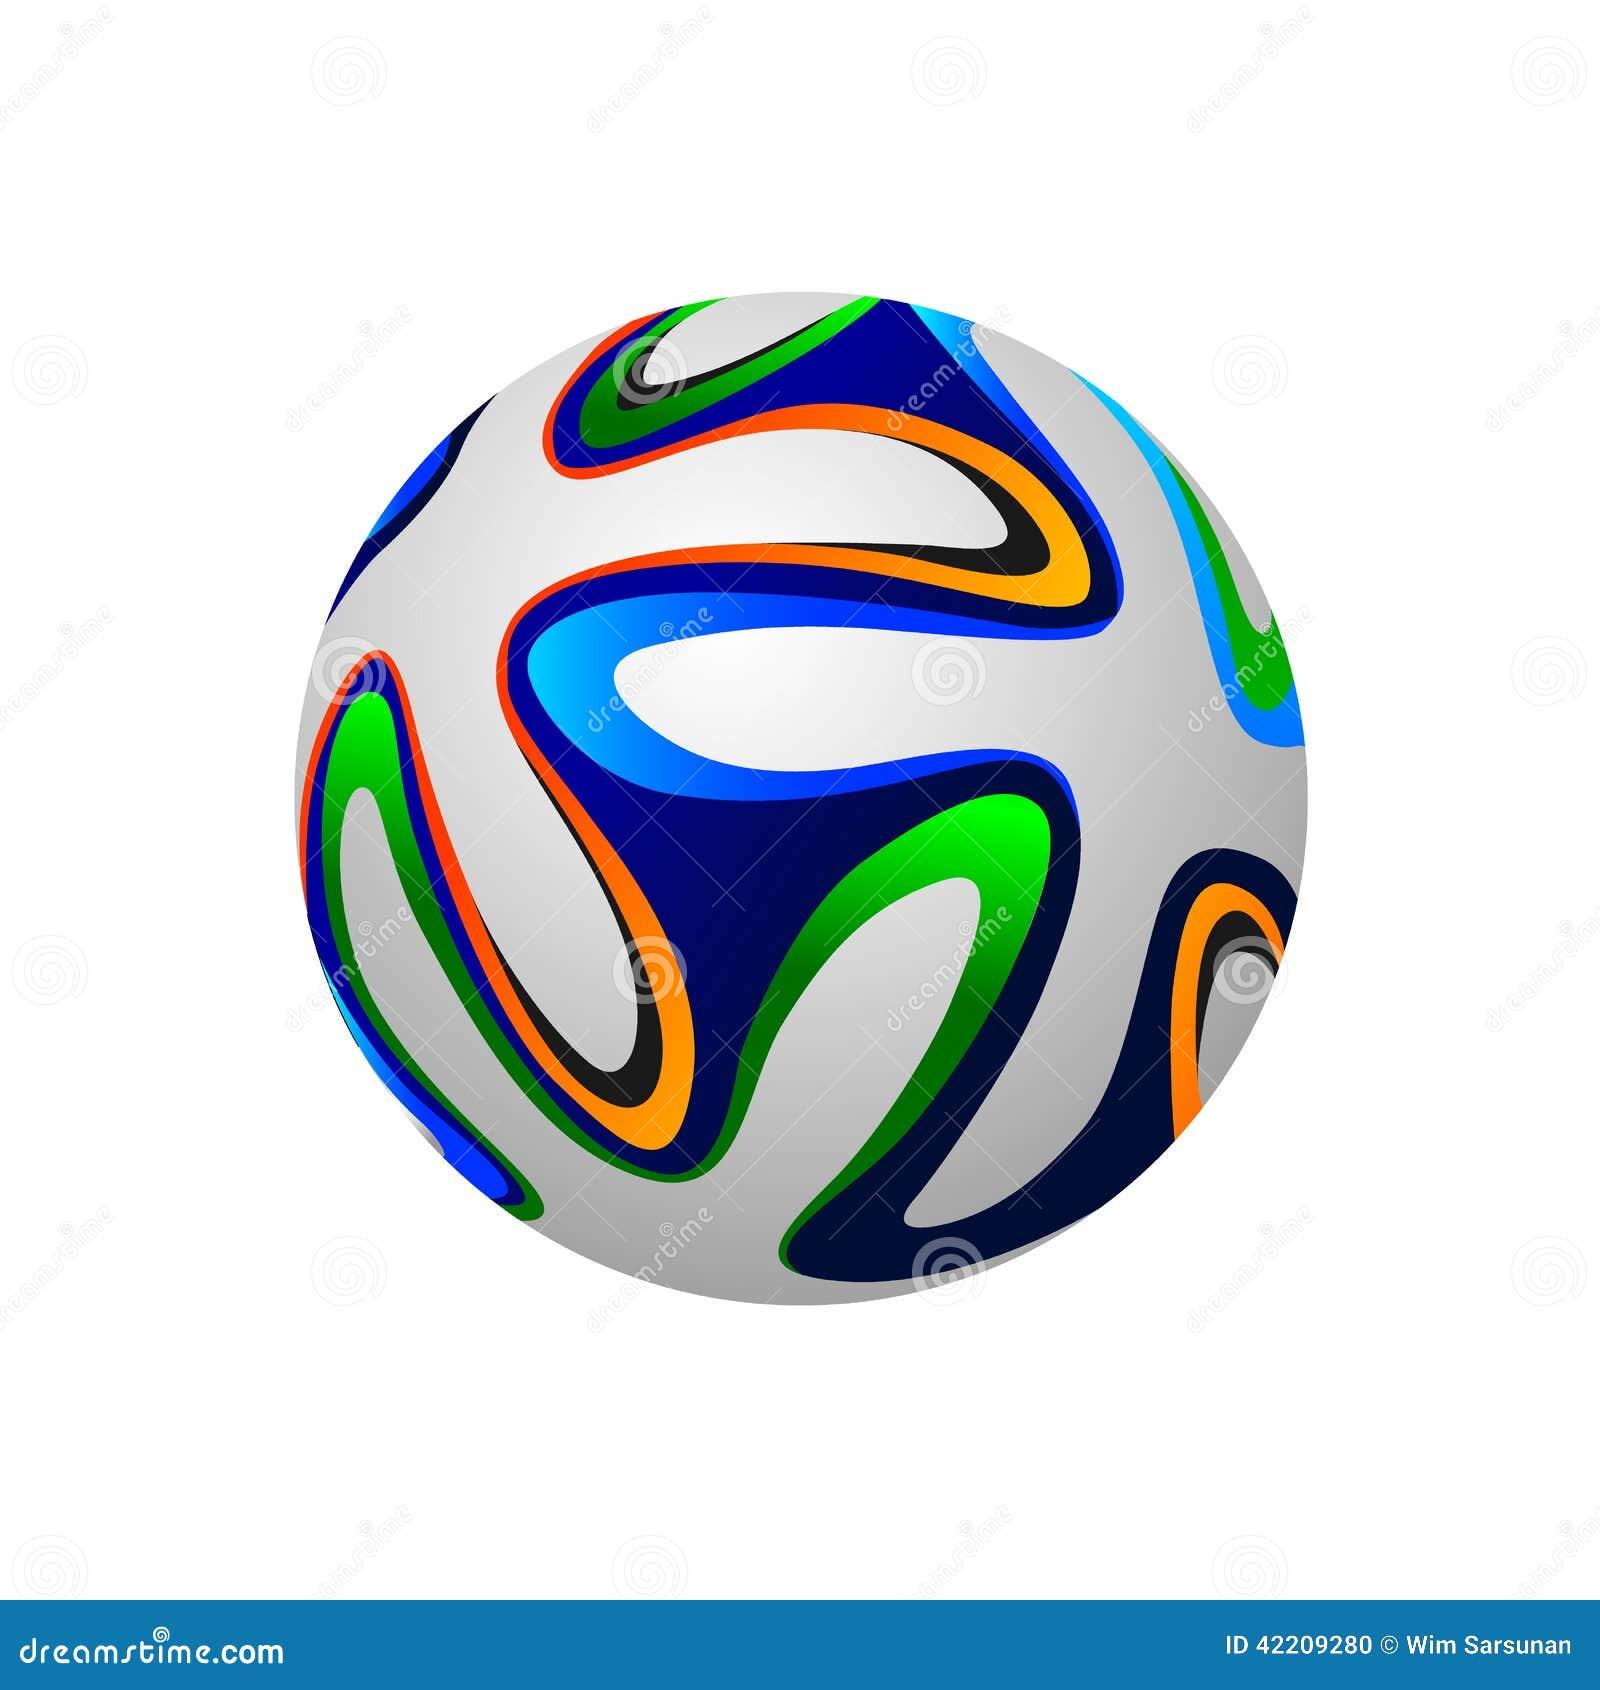 Soccer ball 2014, vector illustration